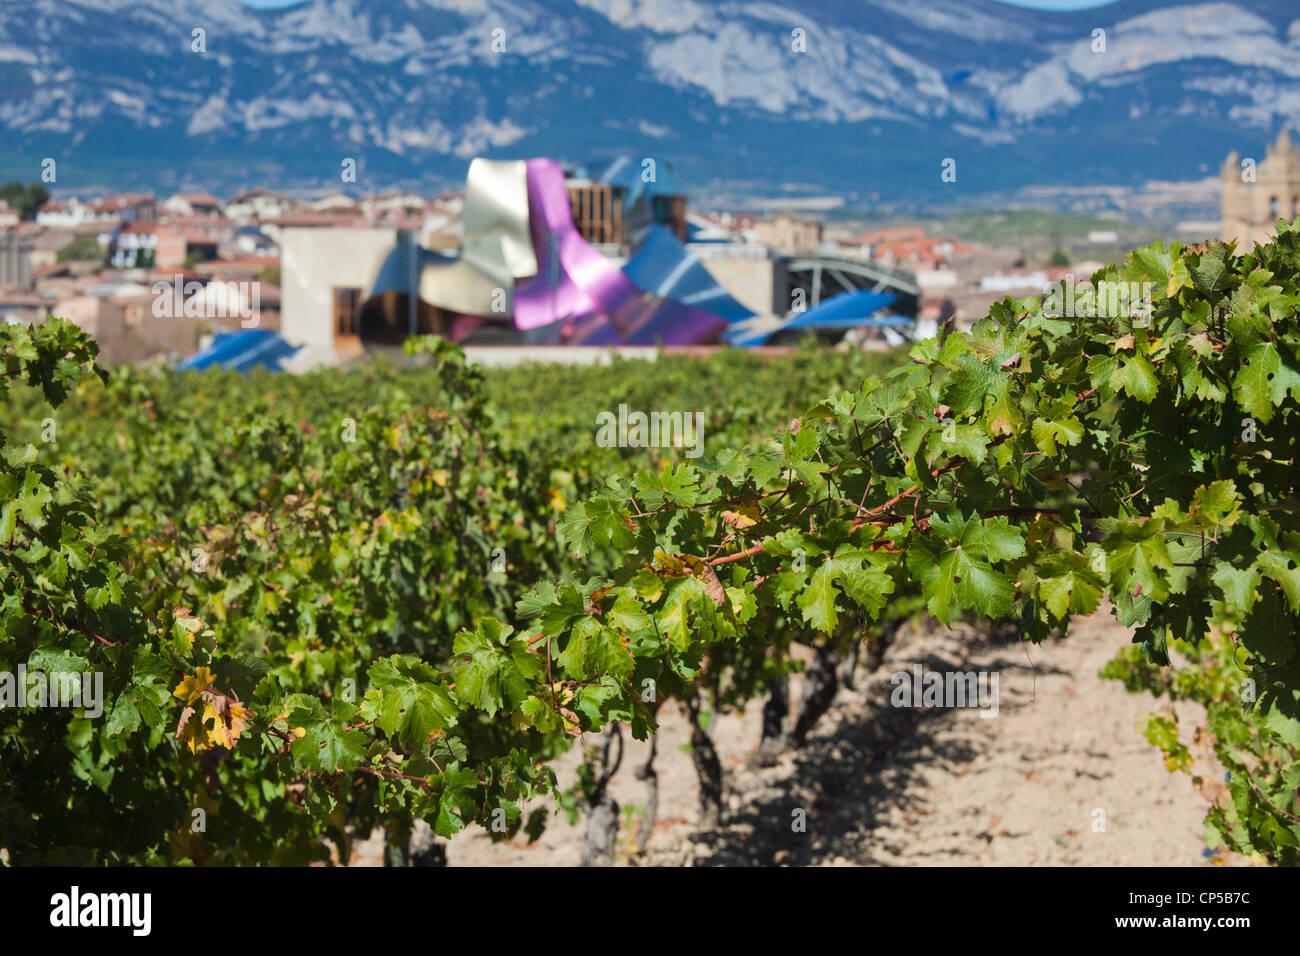 Spanien, La Rioja-Gebiet, Provinz Alava, Elciego, Blick auf die erhöhten Stadt und Hotel Marques de Riscal, Stockbild